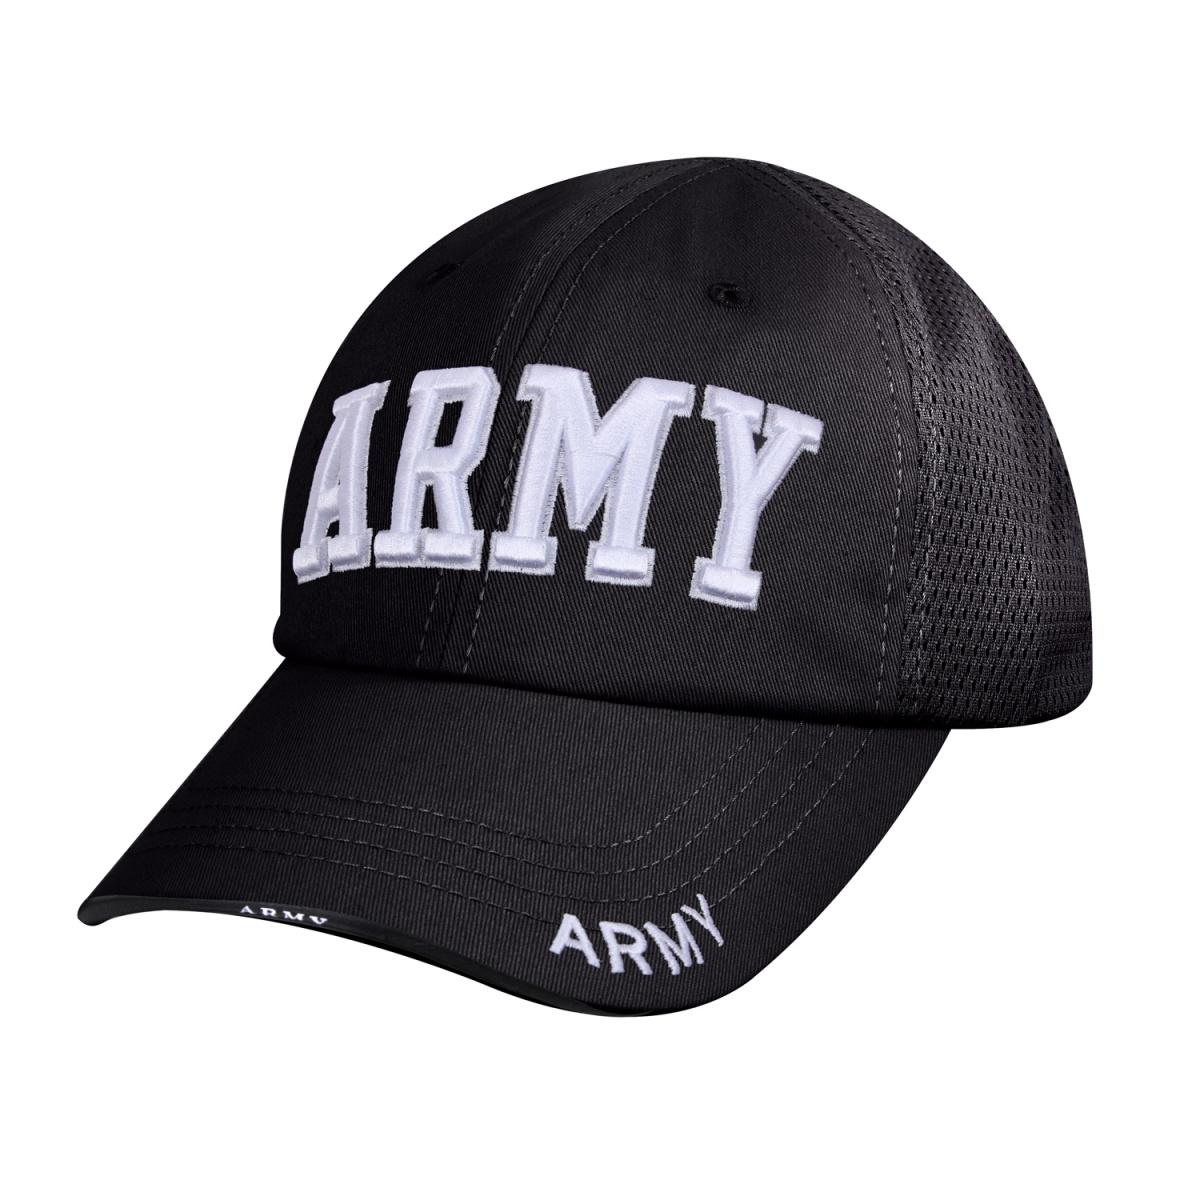 Čepice ARMY síťovaná ČERNÁ - ROTHCO - Army shop armytrade.cz 2323fe59b0